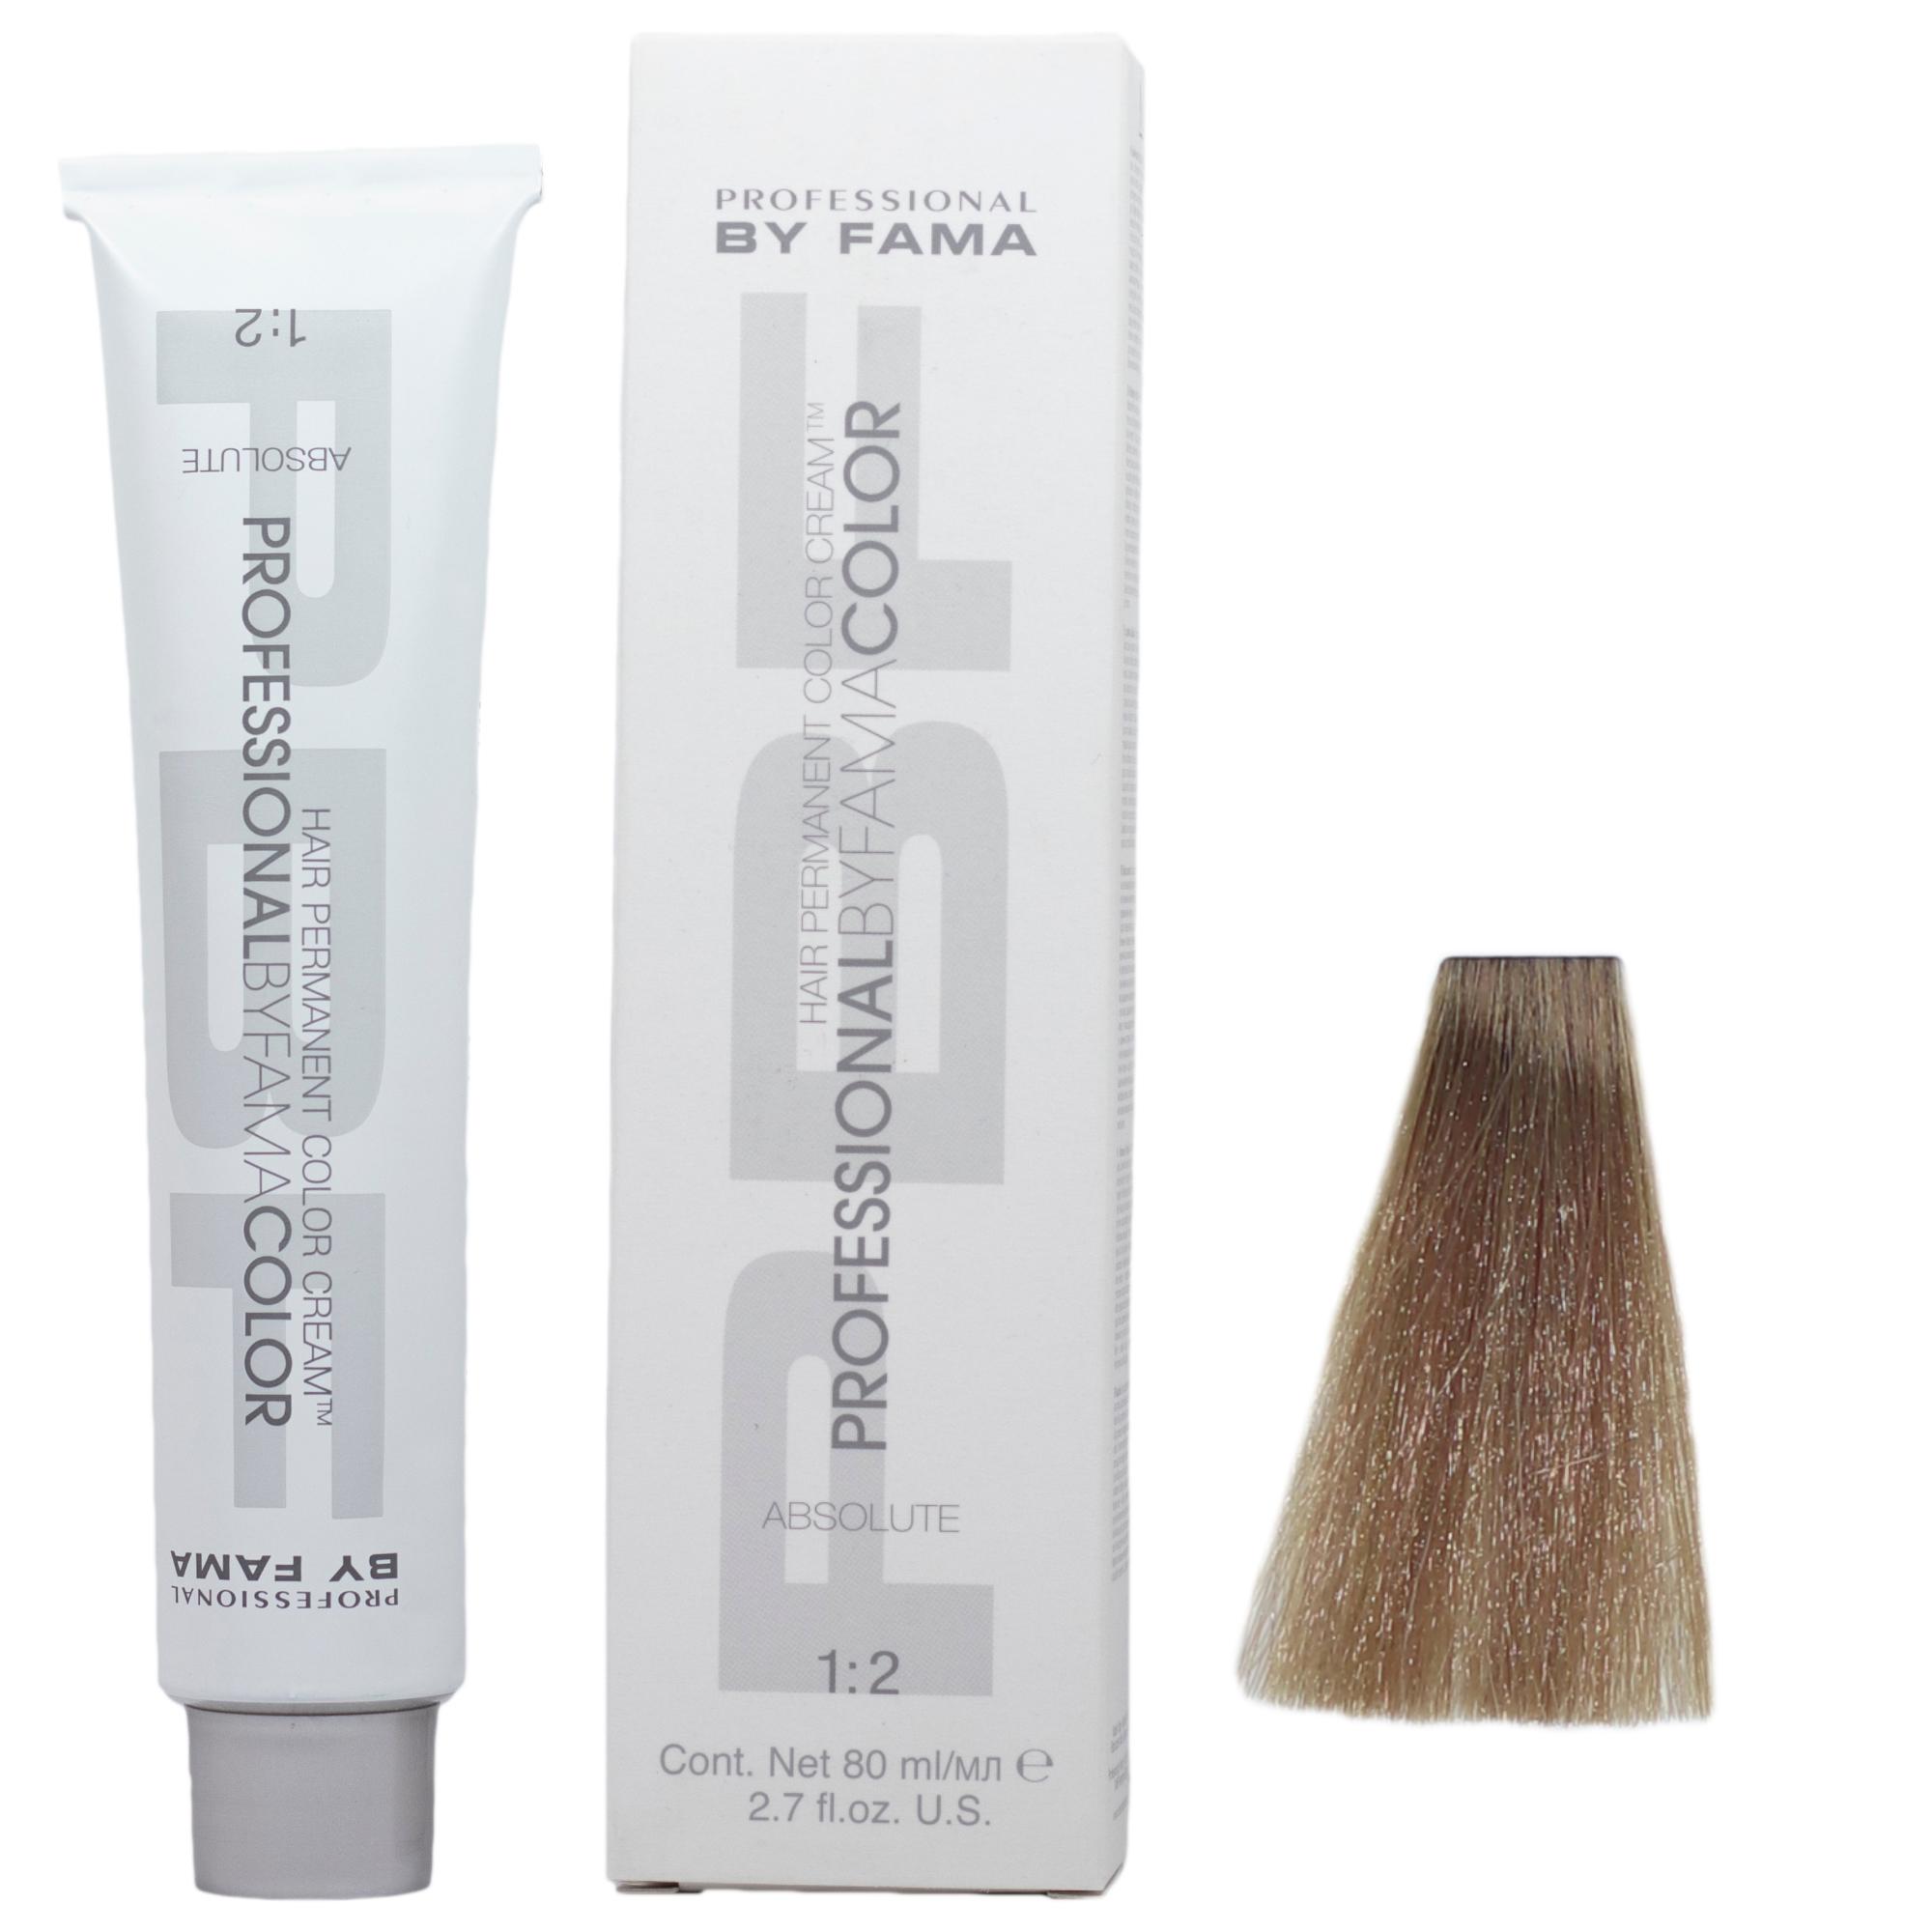 رنگ مو پروفشنال بای فاما سری ابسولوت شماره 9S حجم 80 میلی لیتر رنگ قهوه ای خاکستری